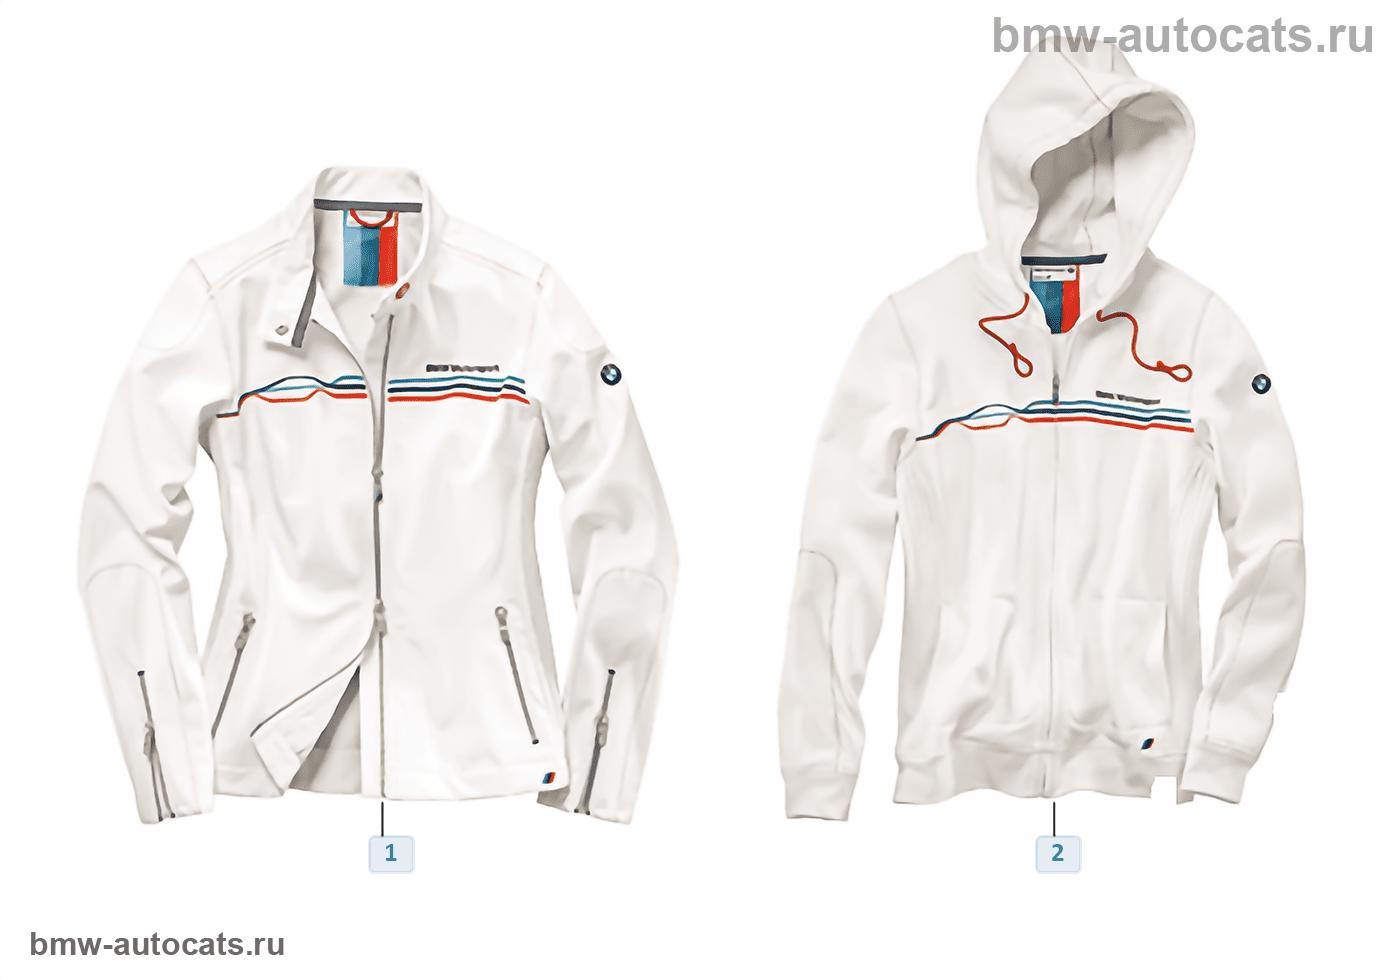 BMW Motorsport — Женск. куртки 2015/17